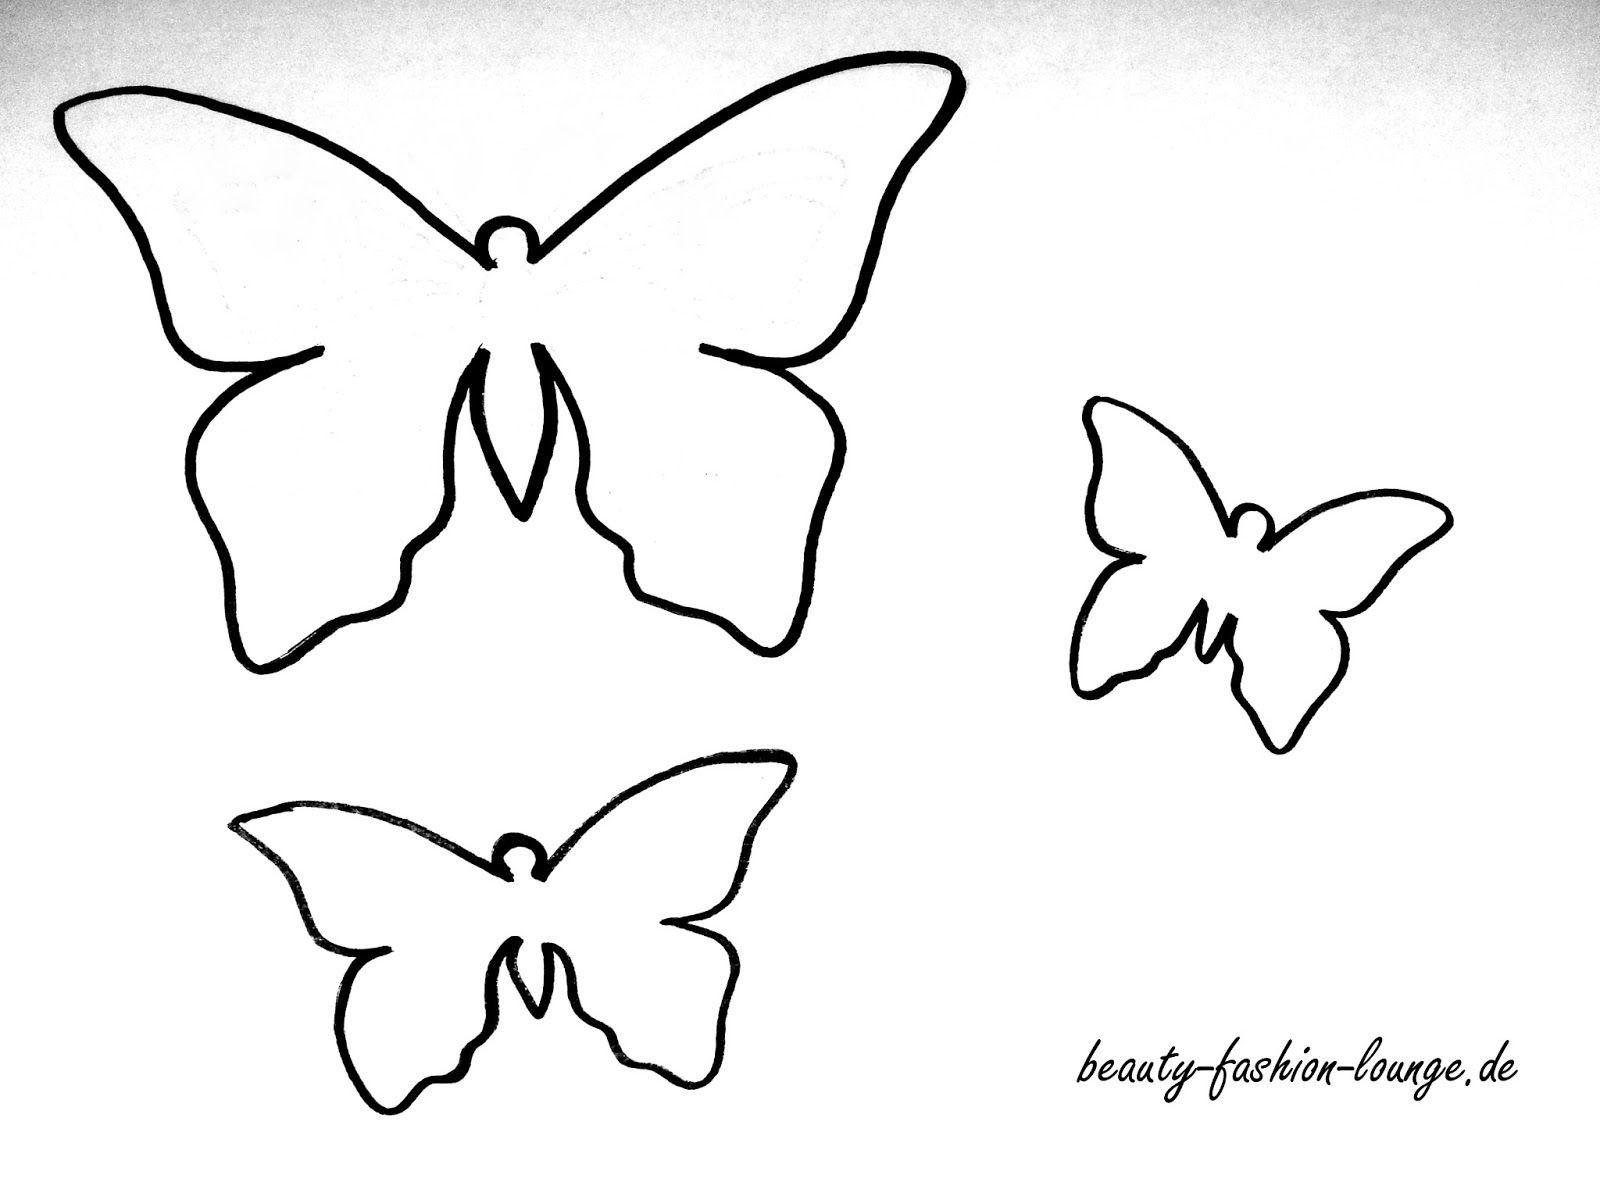 Neu Schmetterling Vorlagen In 2020 (Mit Bildern innen Vorlagen Schmetterling